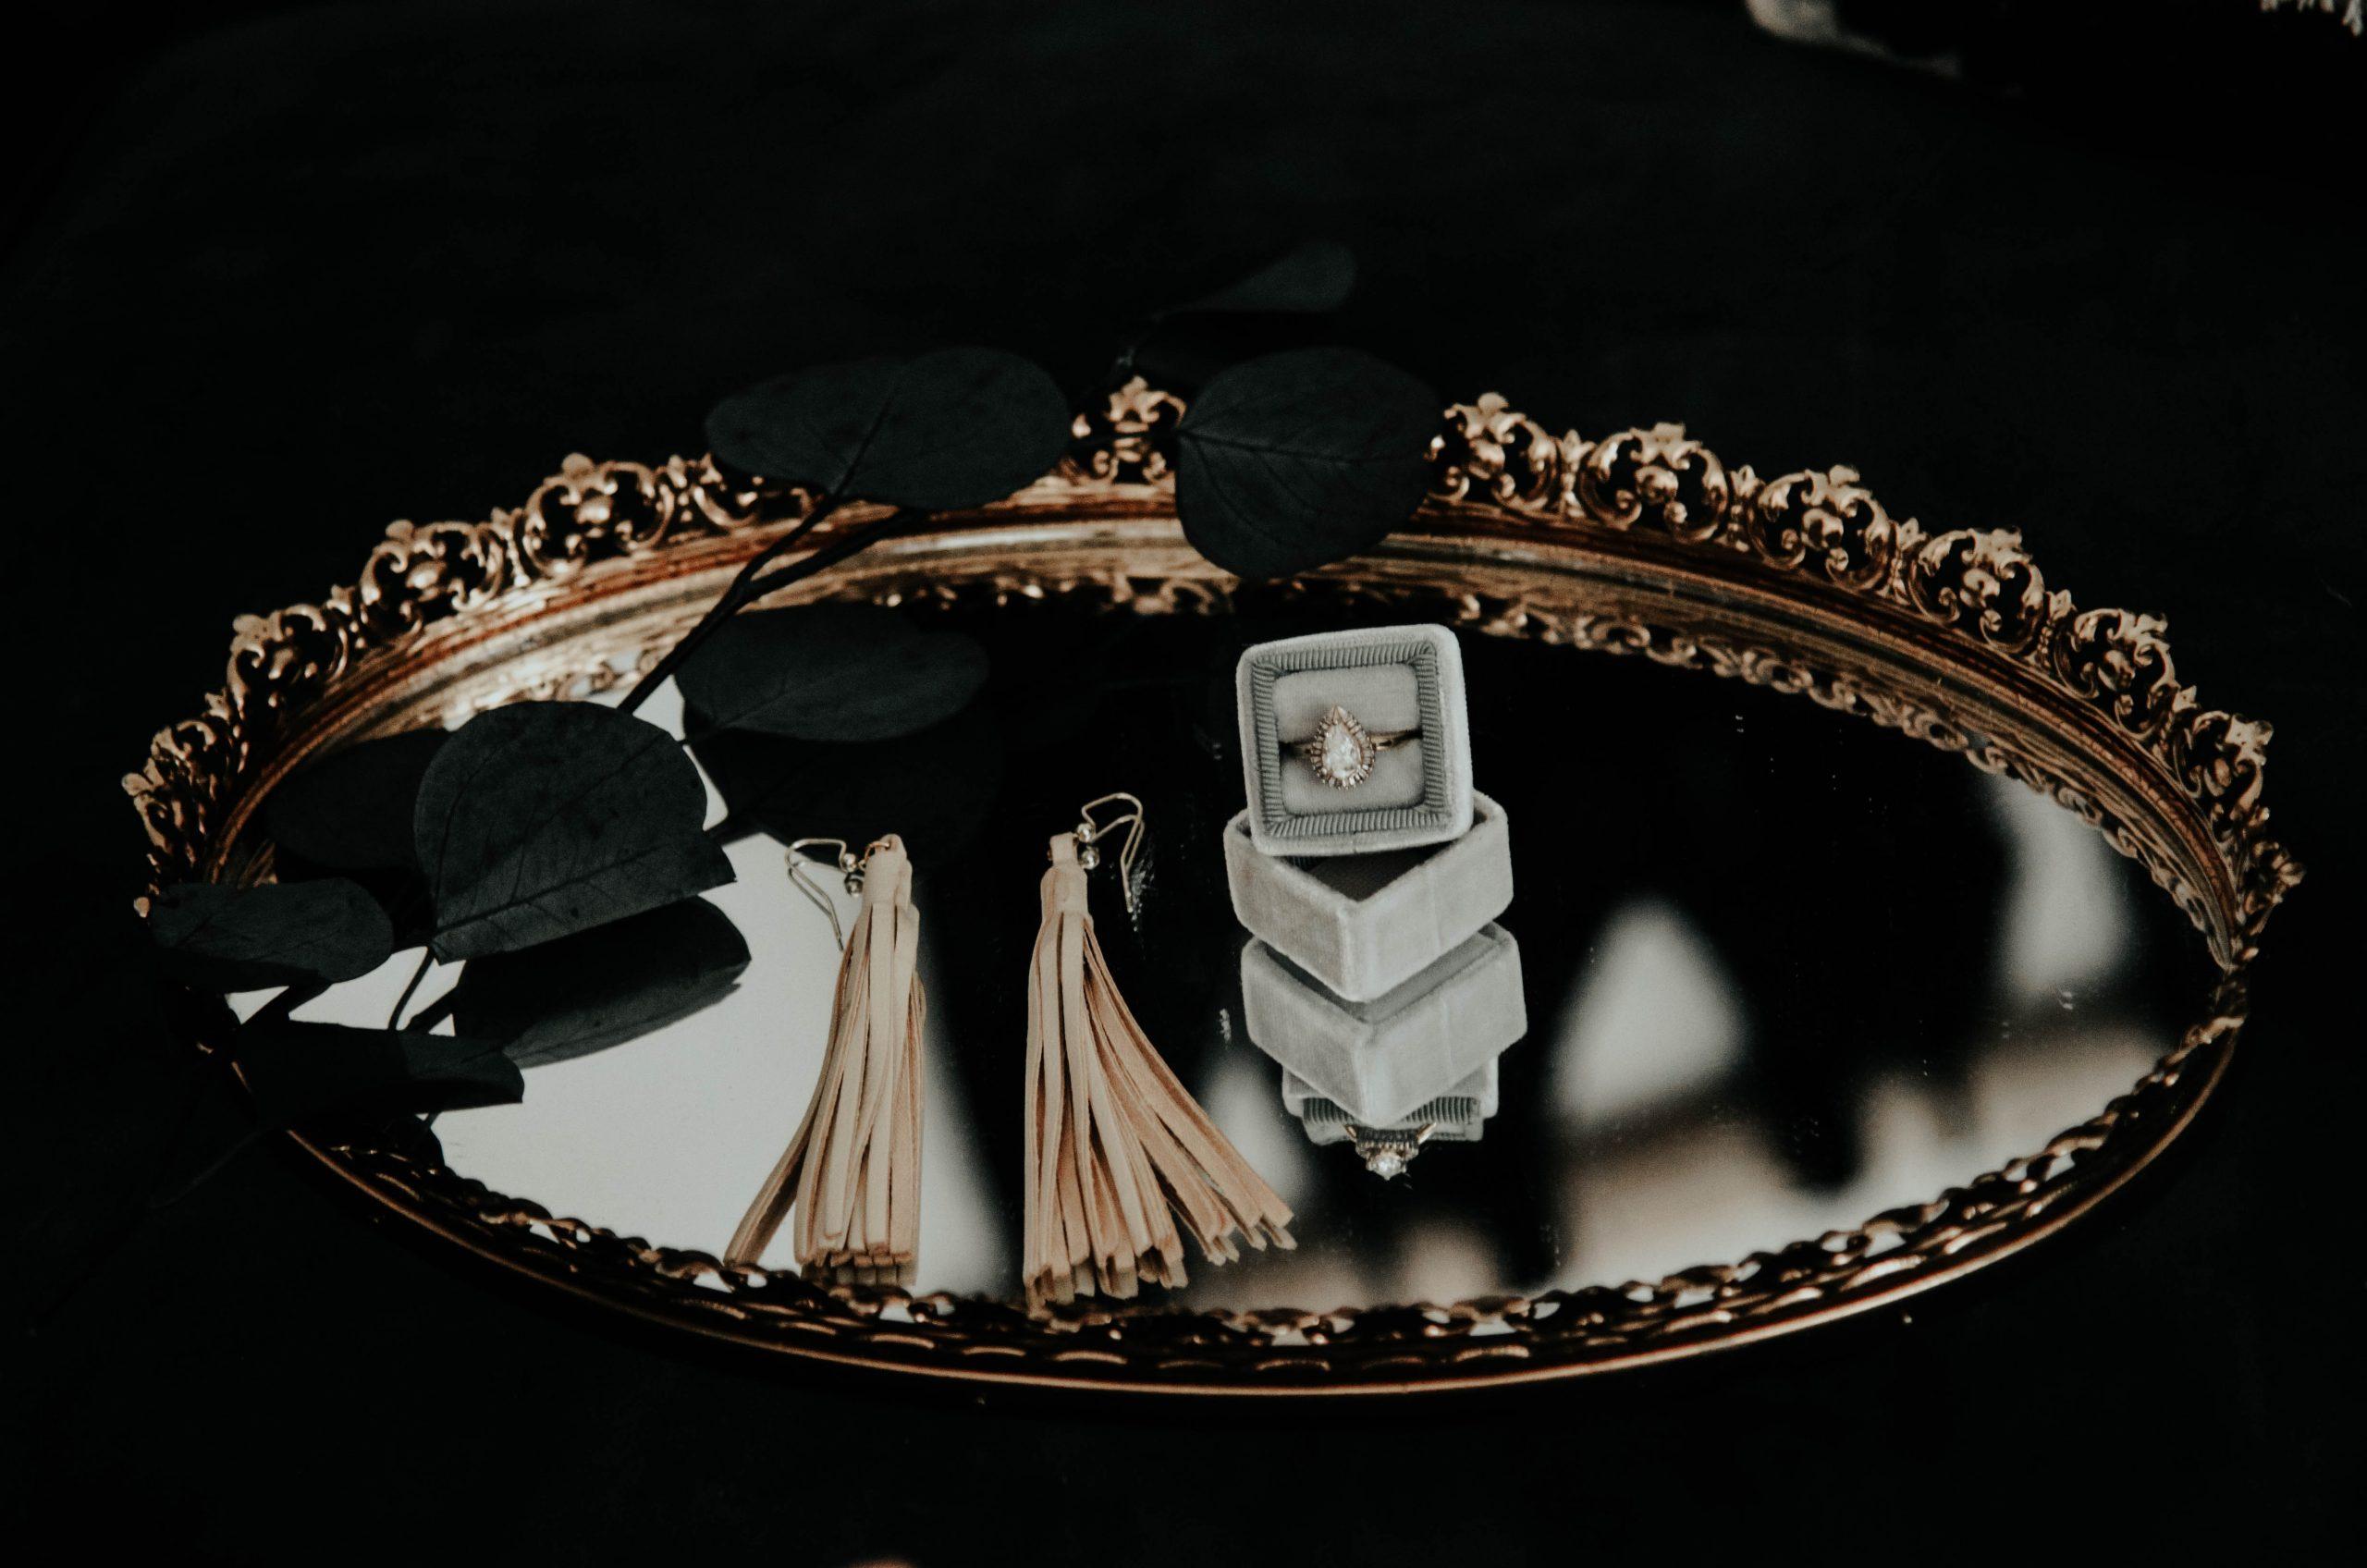 Na foto uma bandeja espelhada com dois brincos, uma flor e um anel em cima.